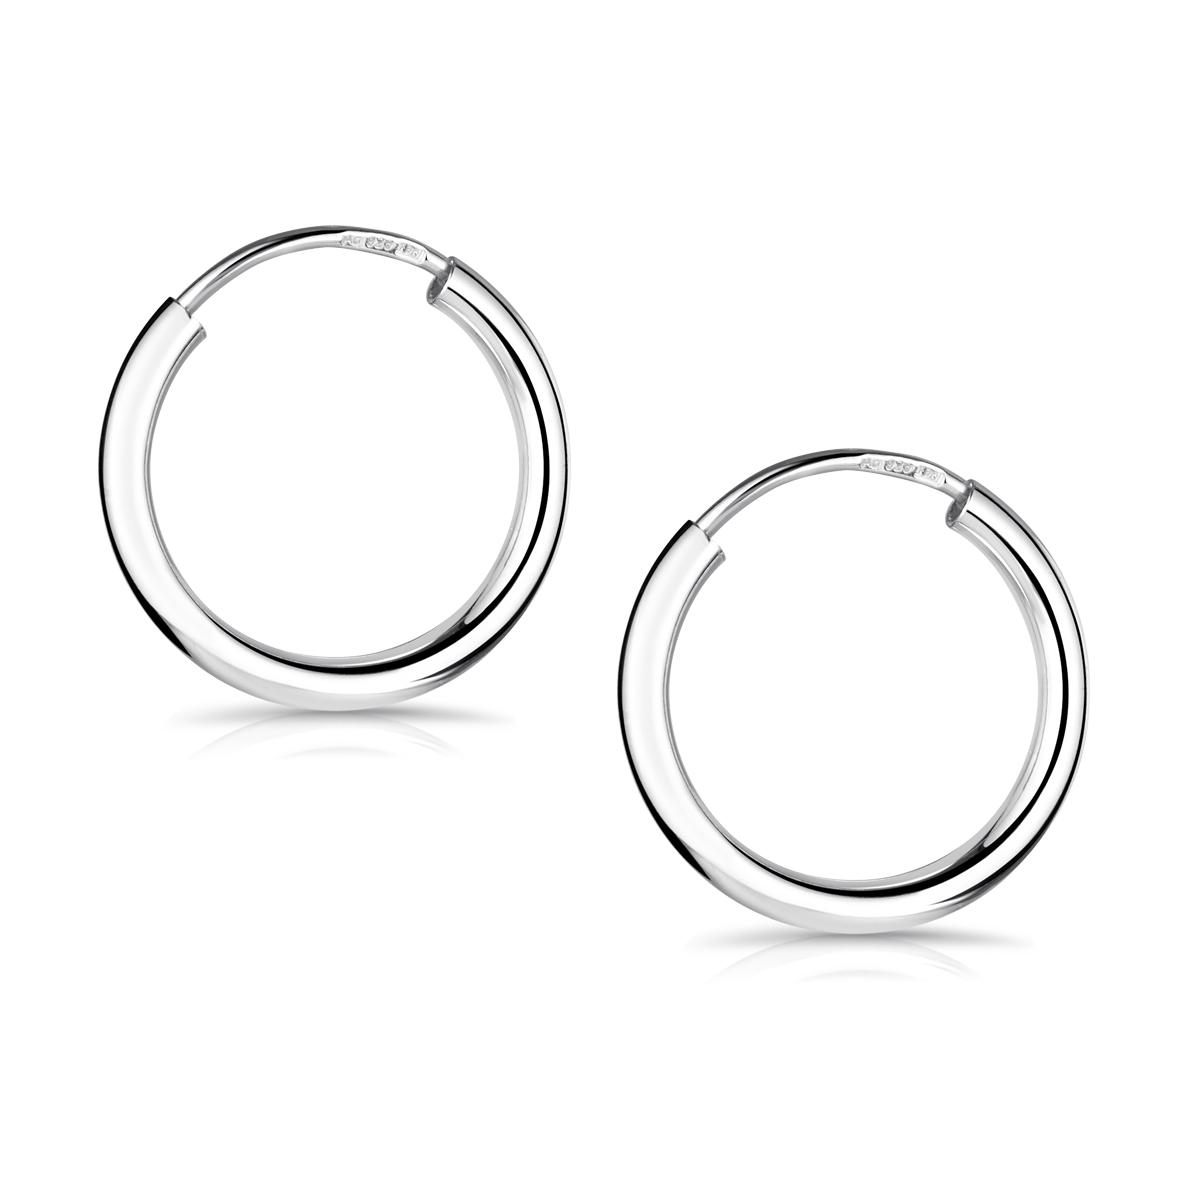 dünn von 8 bis 20 mm Durchmesser schlicht Echt Silber Neu Creolen